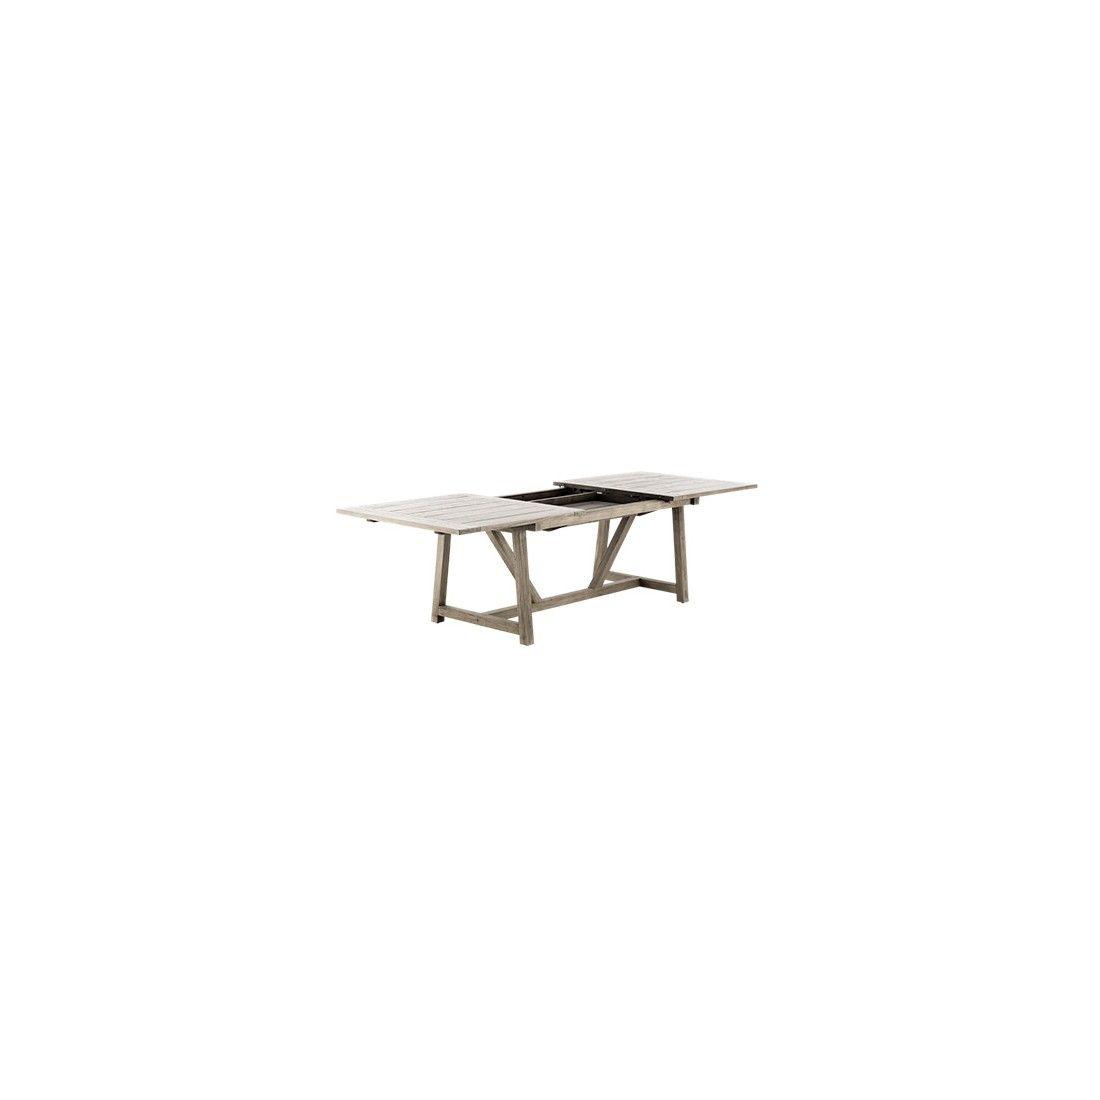 Table de jardin en teck ancien avec rallonges 200-280 cm